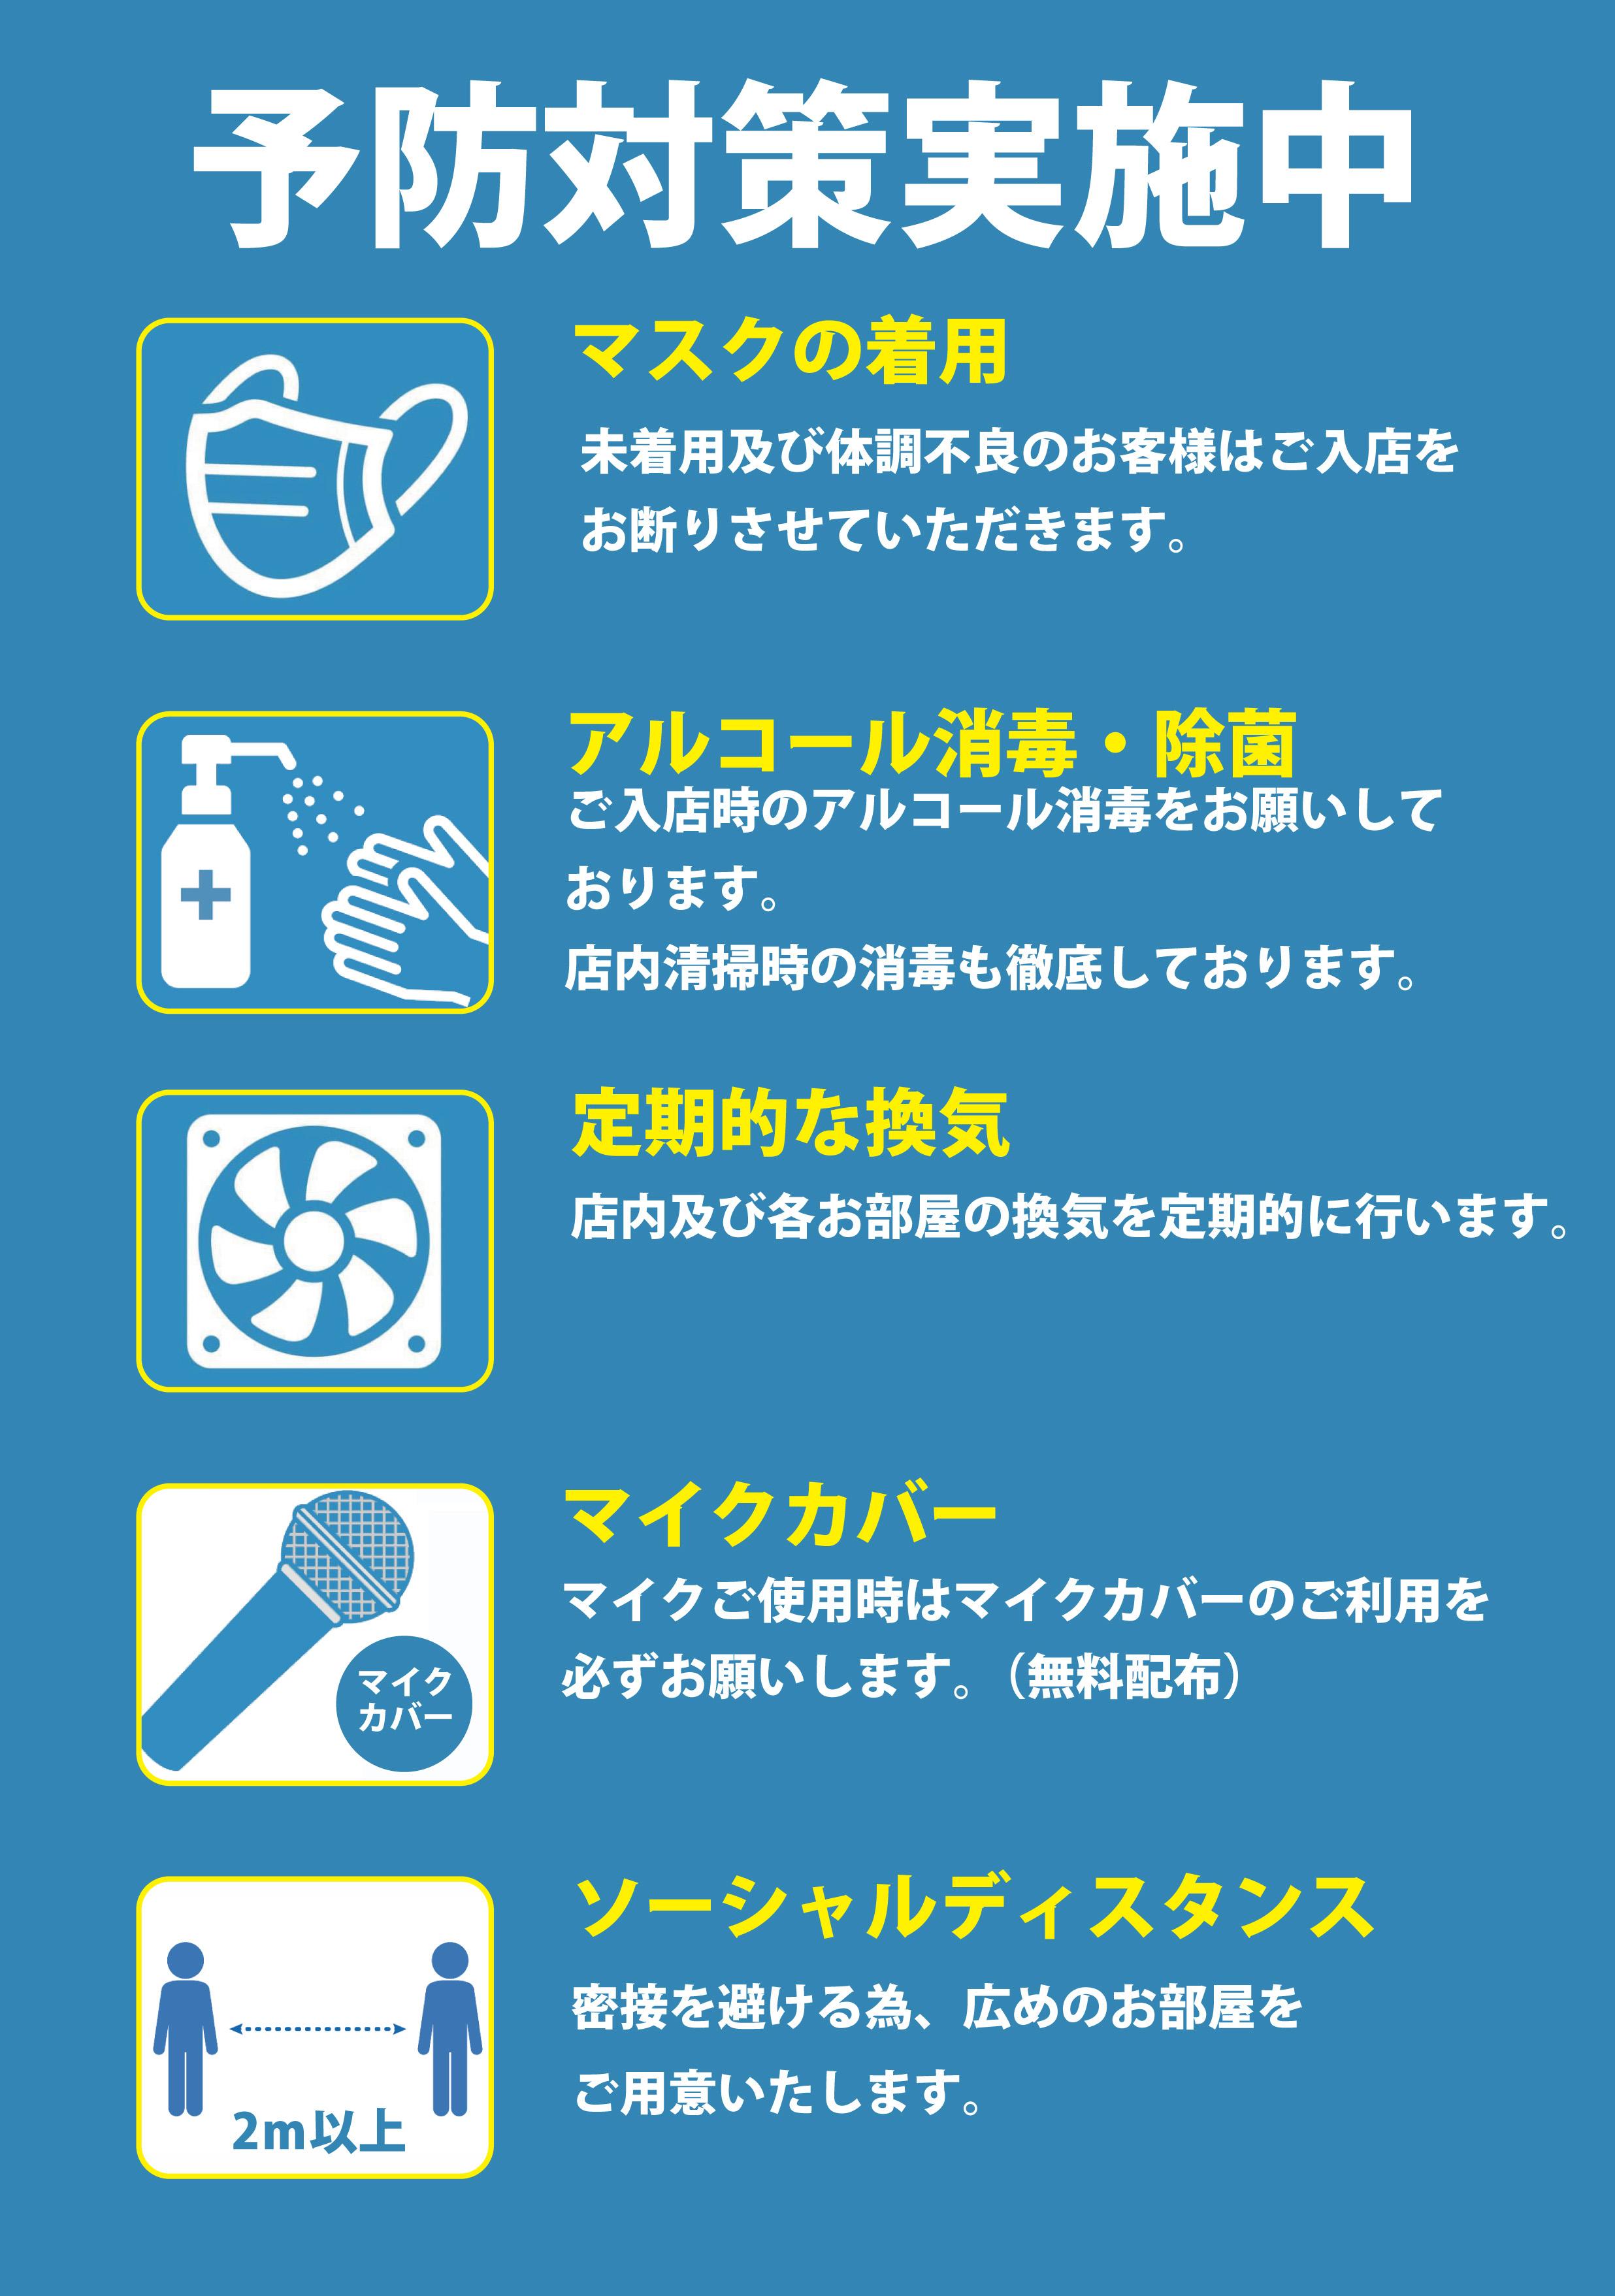 新型コロナウイルス感染対策による当社の対応について